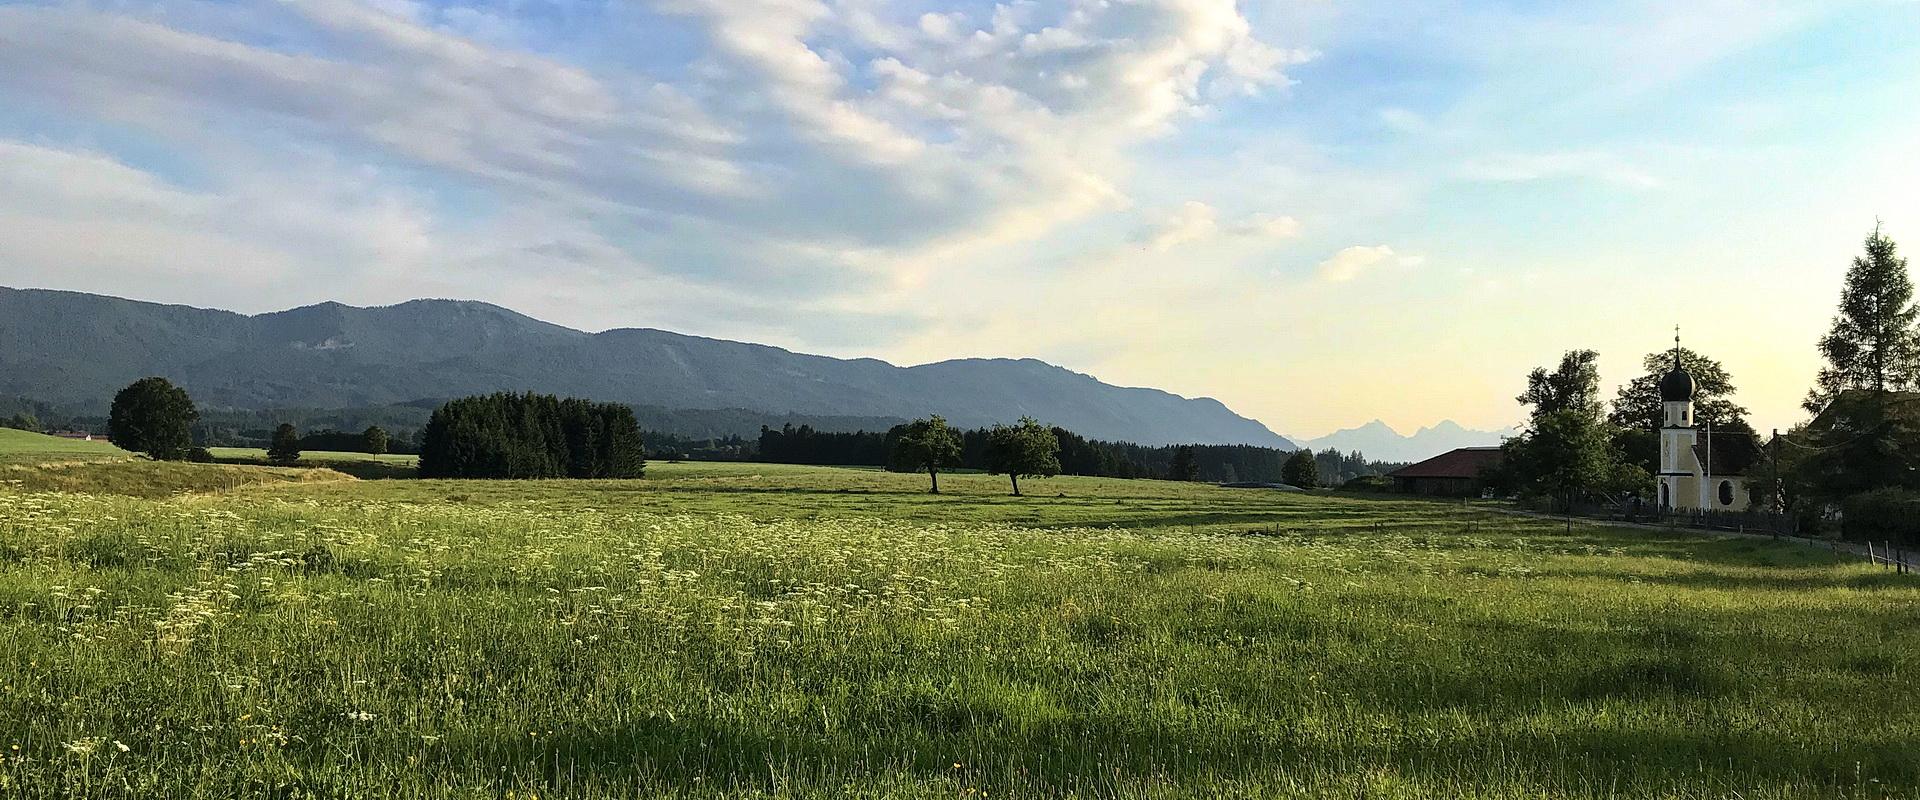 ... mit Blick auf das Alpenvorland.